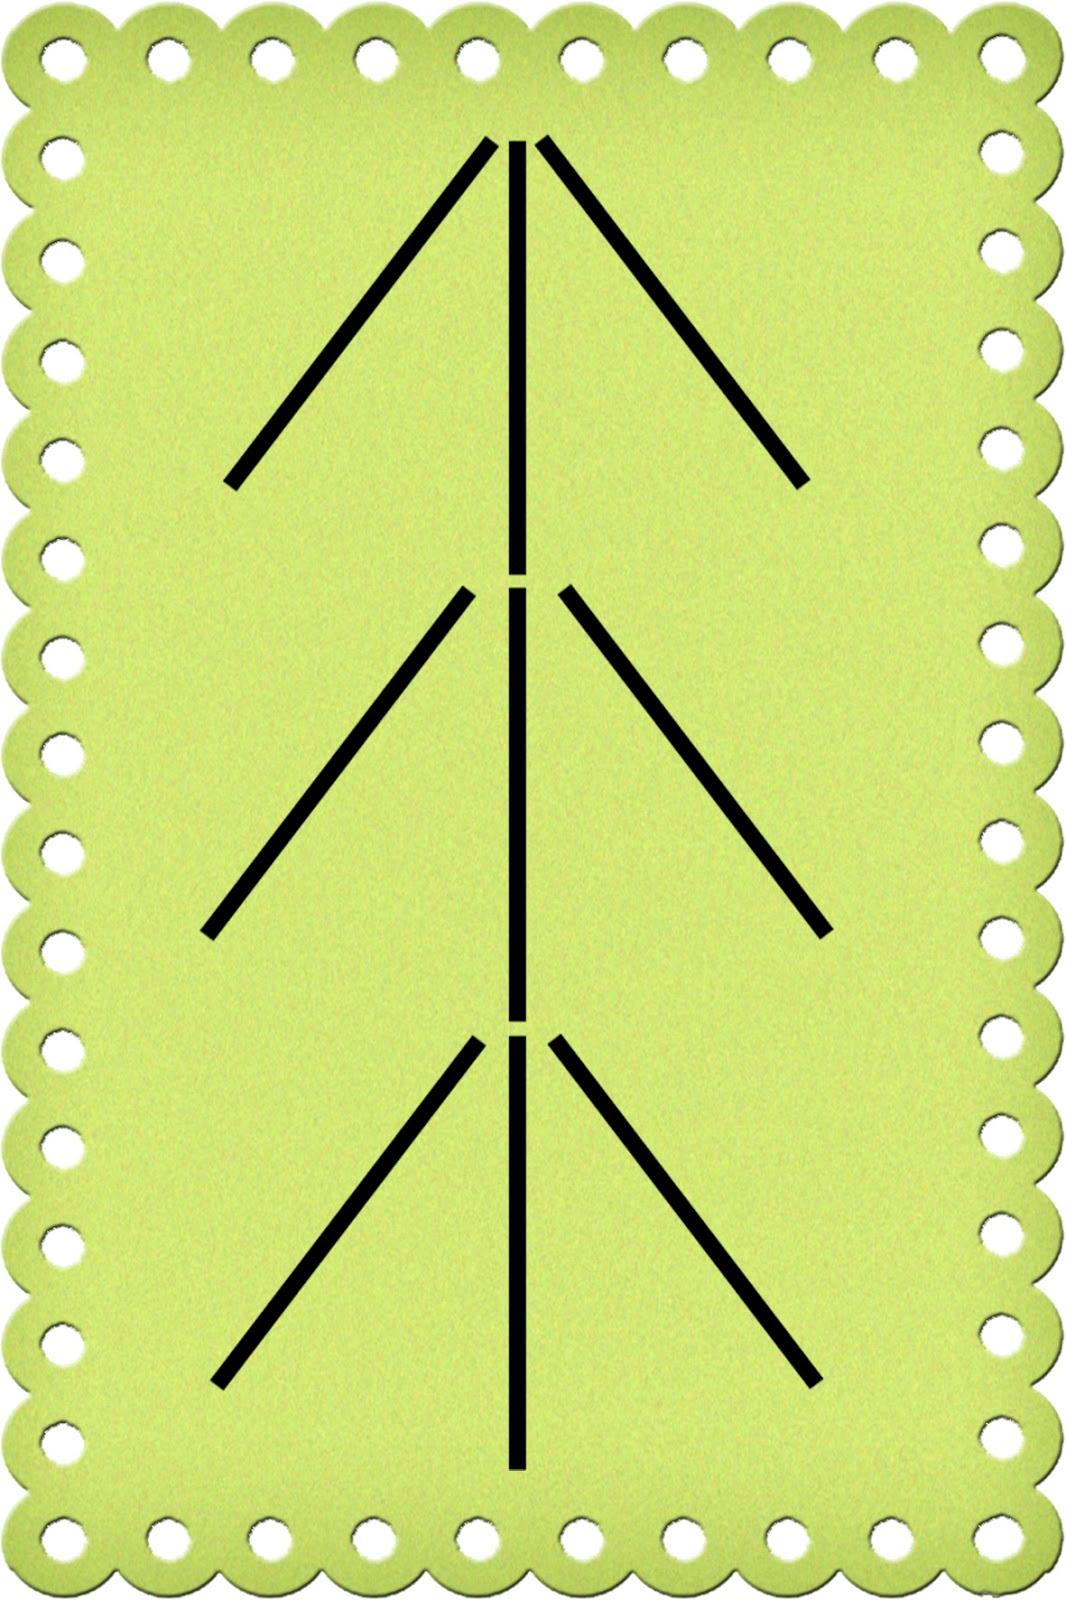 юля елочка из счетных палочек картинка блюдо